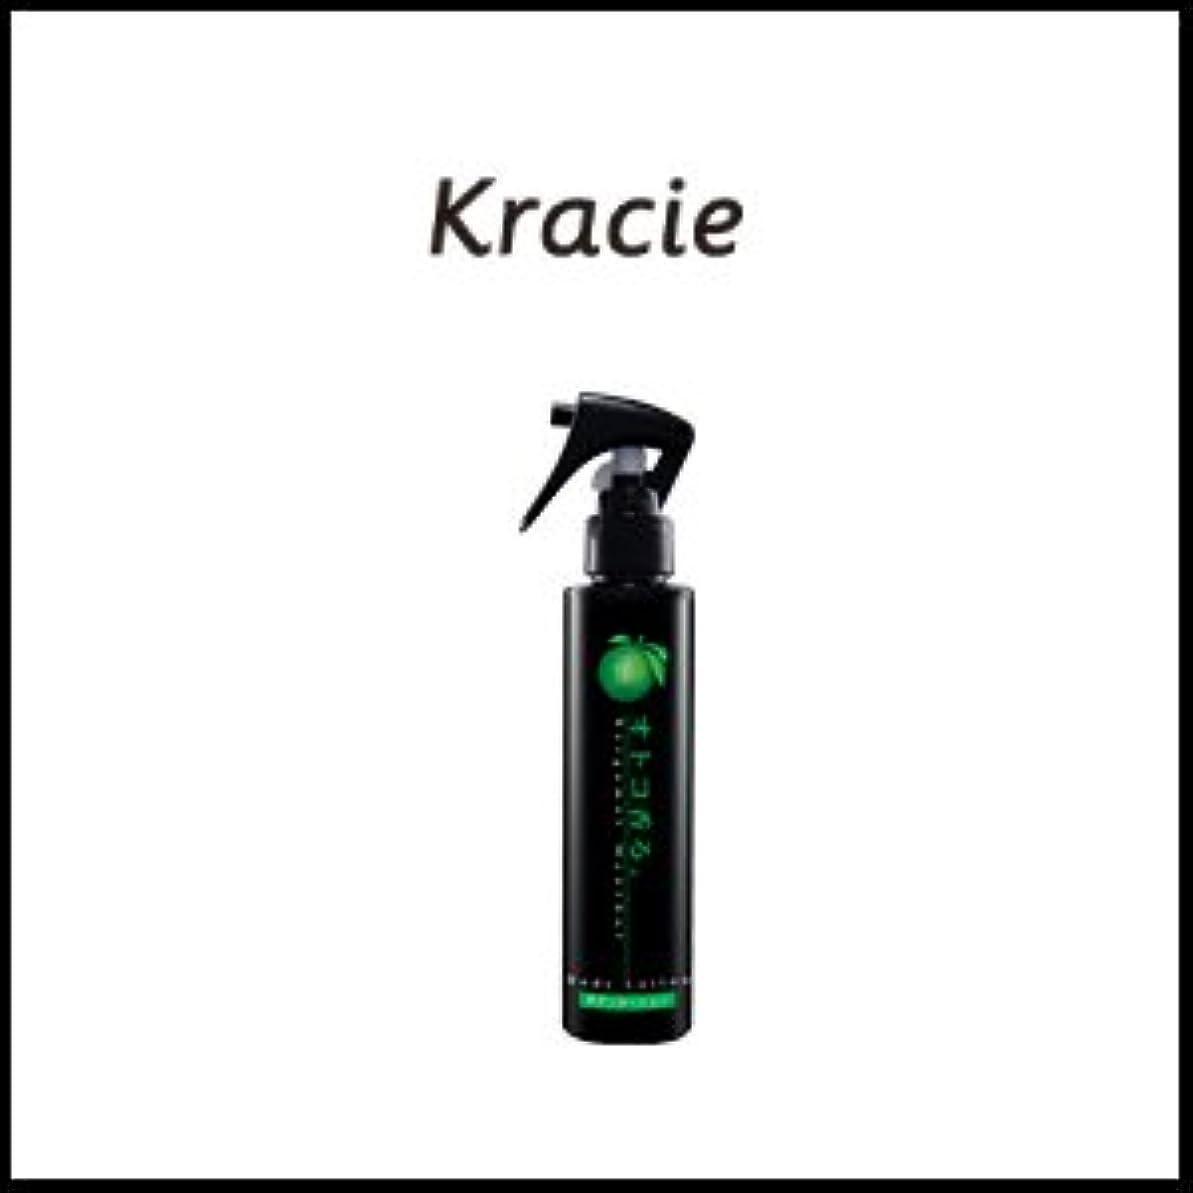 落胆する人類ブラケット【X2個セット】 クラシエ オトコ香る ボディローション(ベルガモット) 150 容器入り